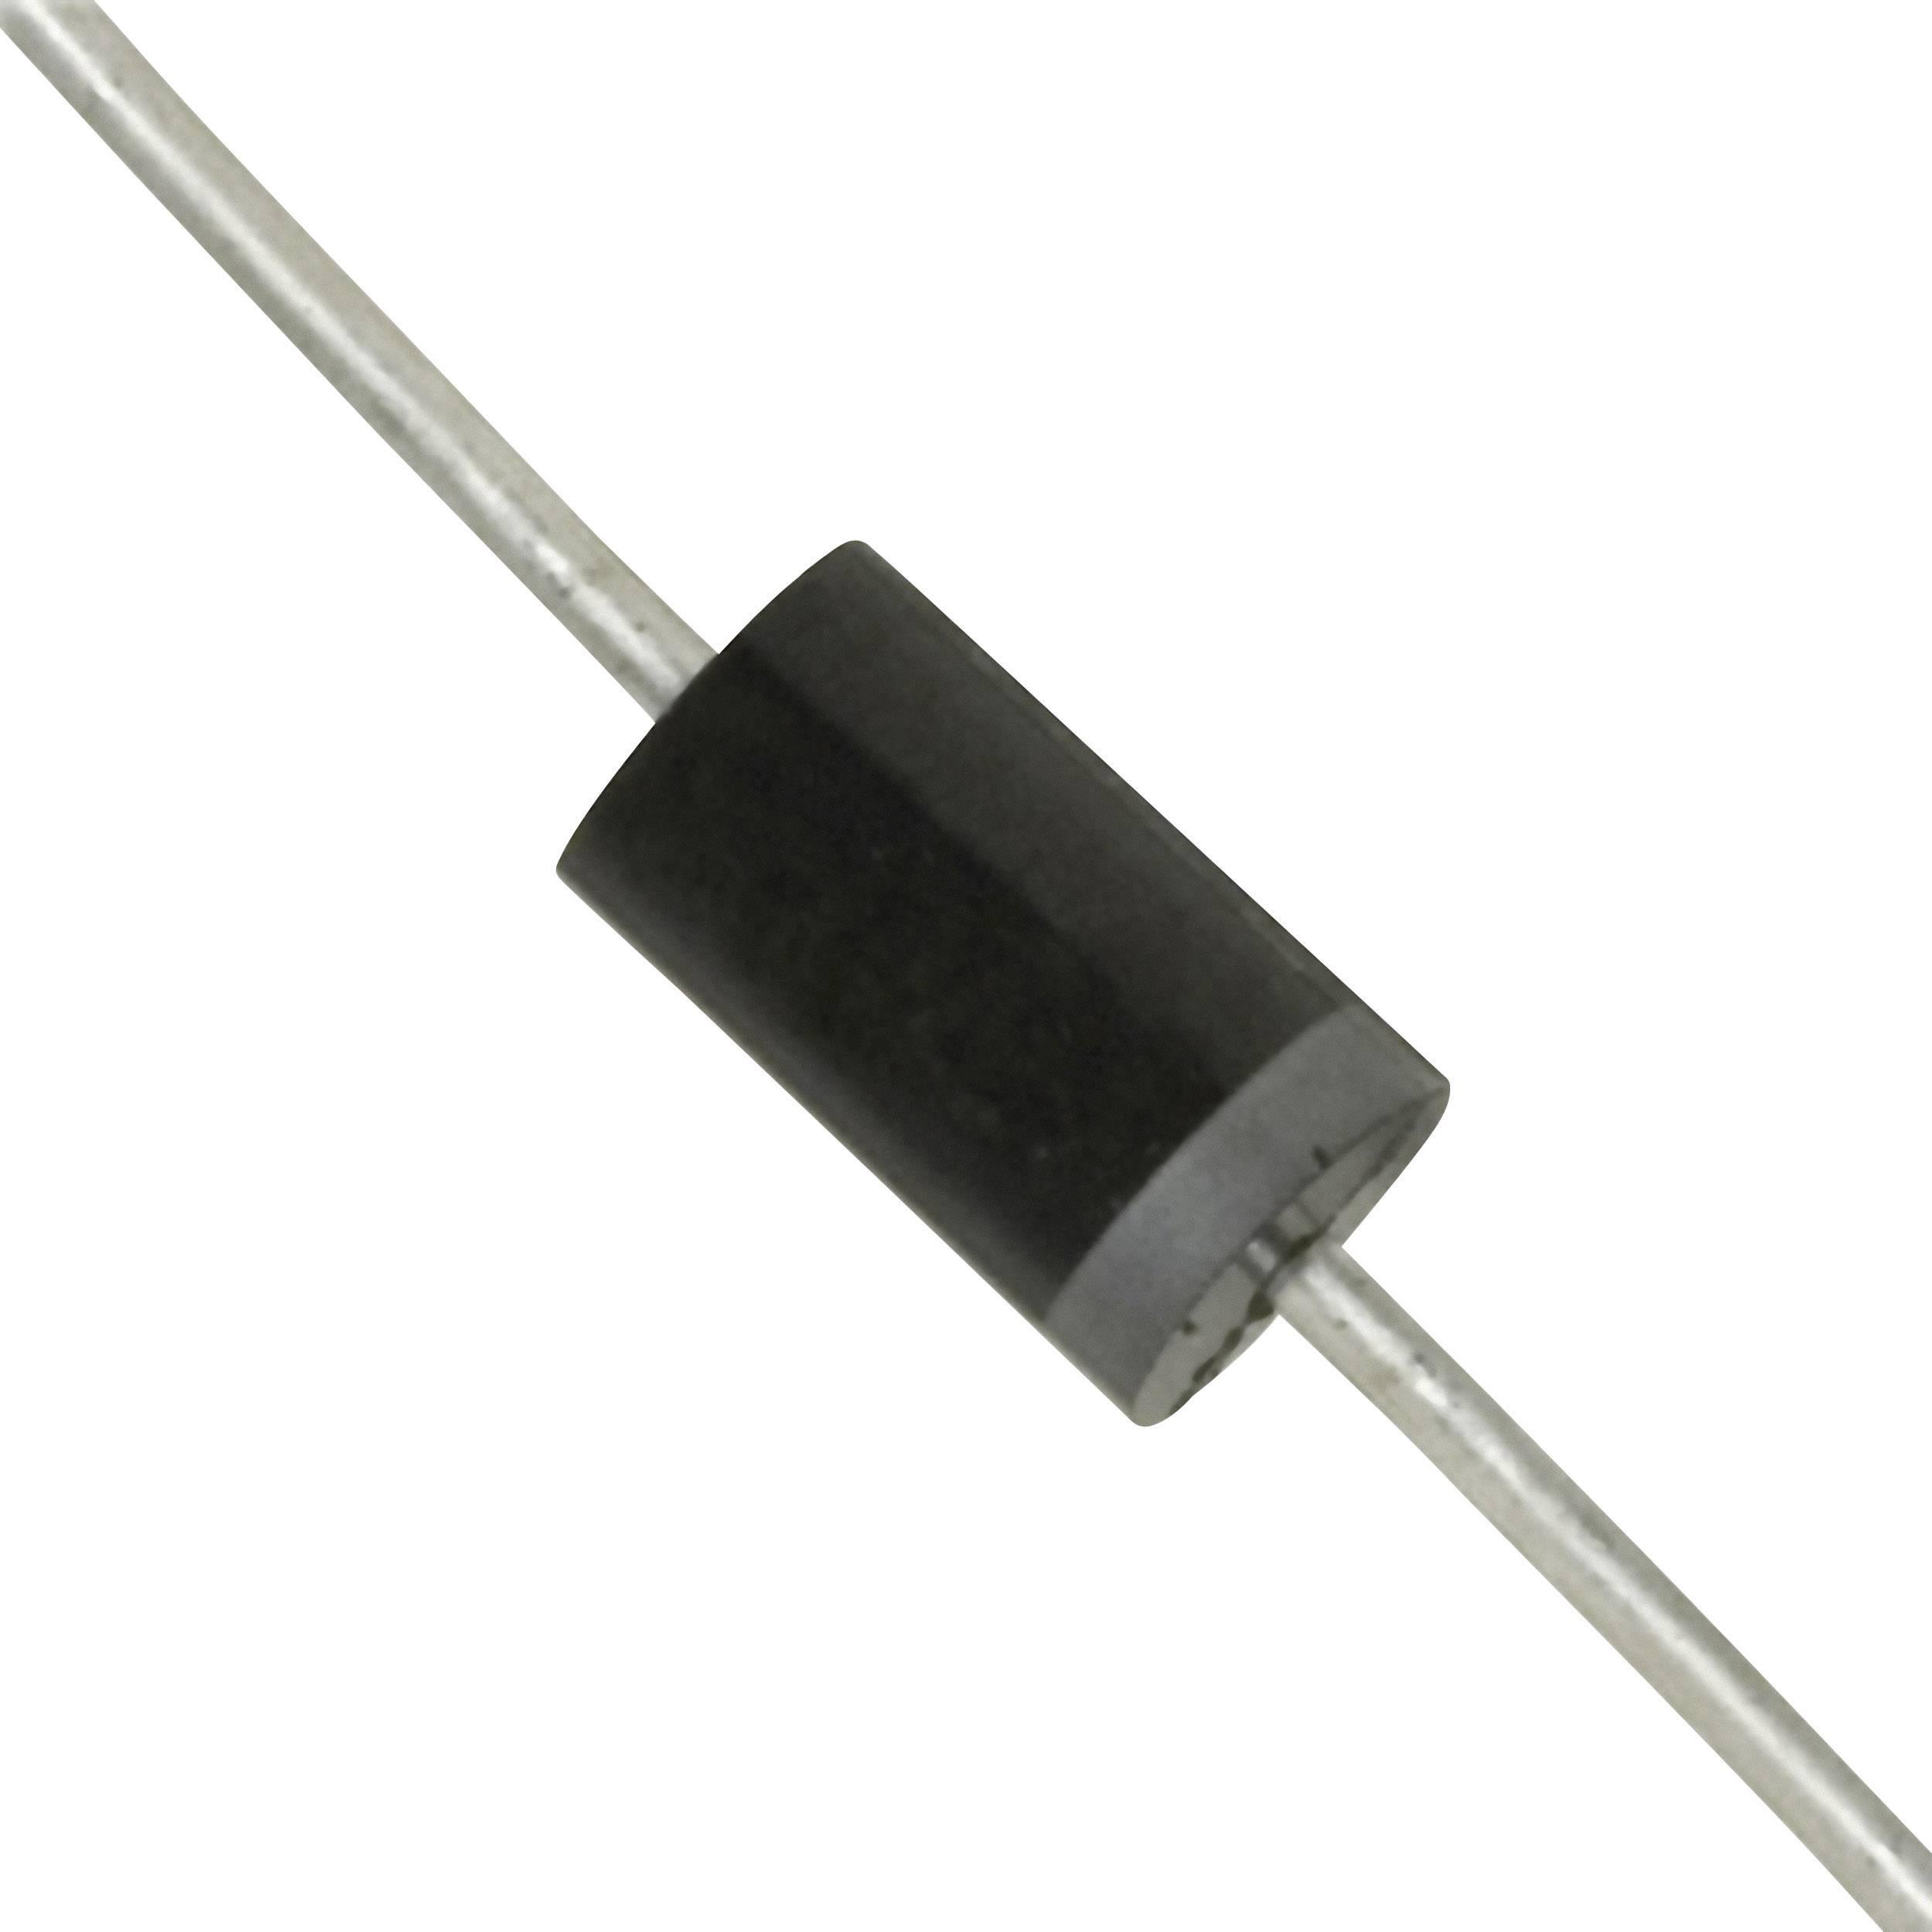 Zenerova dioda Diotec ZPD 6,2 V, 500 mW, DO 35 P